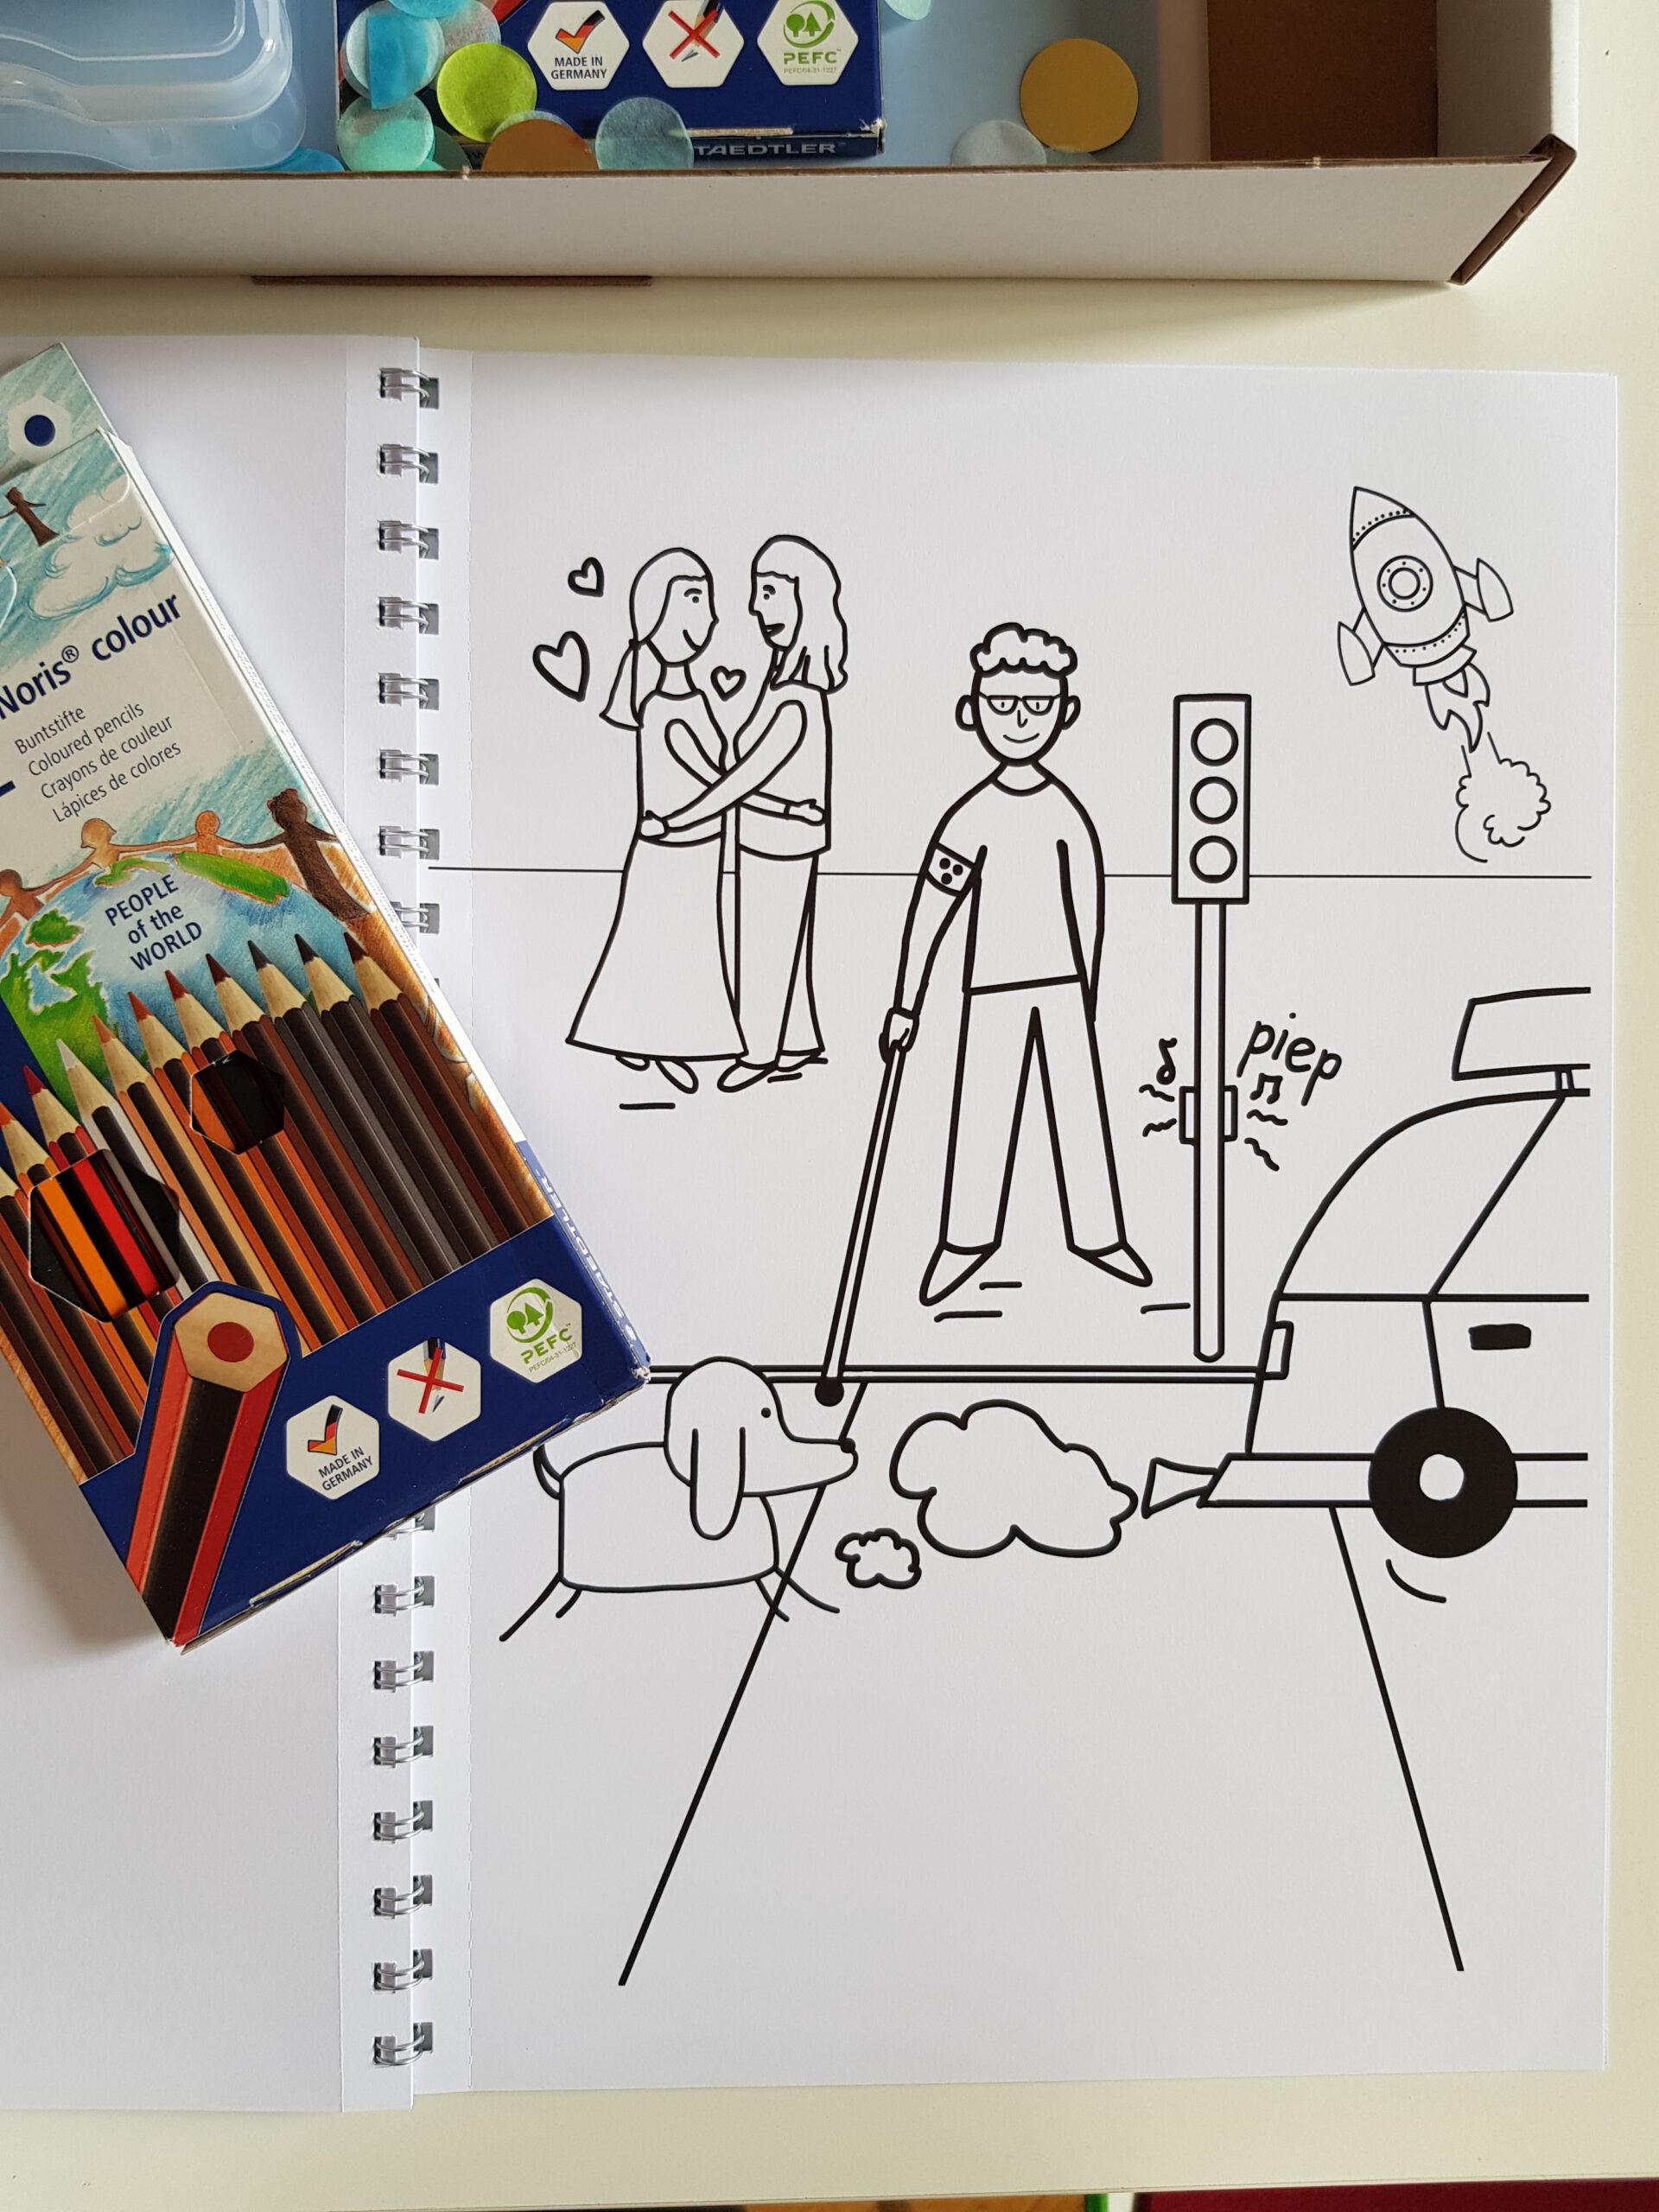 Das Bild zeigt eine Malvorlage, auf der ein Junge mit Blindenstock an einer Verkehrsampel steht. Im Hintergrund sind zwei Frauen zu sehen, die sich umarmen. Über ihnen sind zwei Herzen abgebildet. Im Vordergrund ist ein fahrendes Auto und ein Hund zu erkennen. © Servicestelle Jugendbeteiligung e.V., 2021